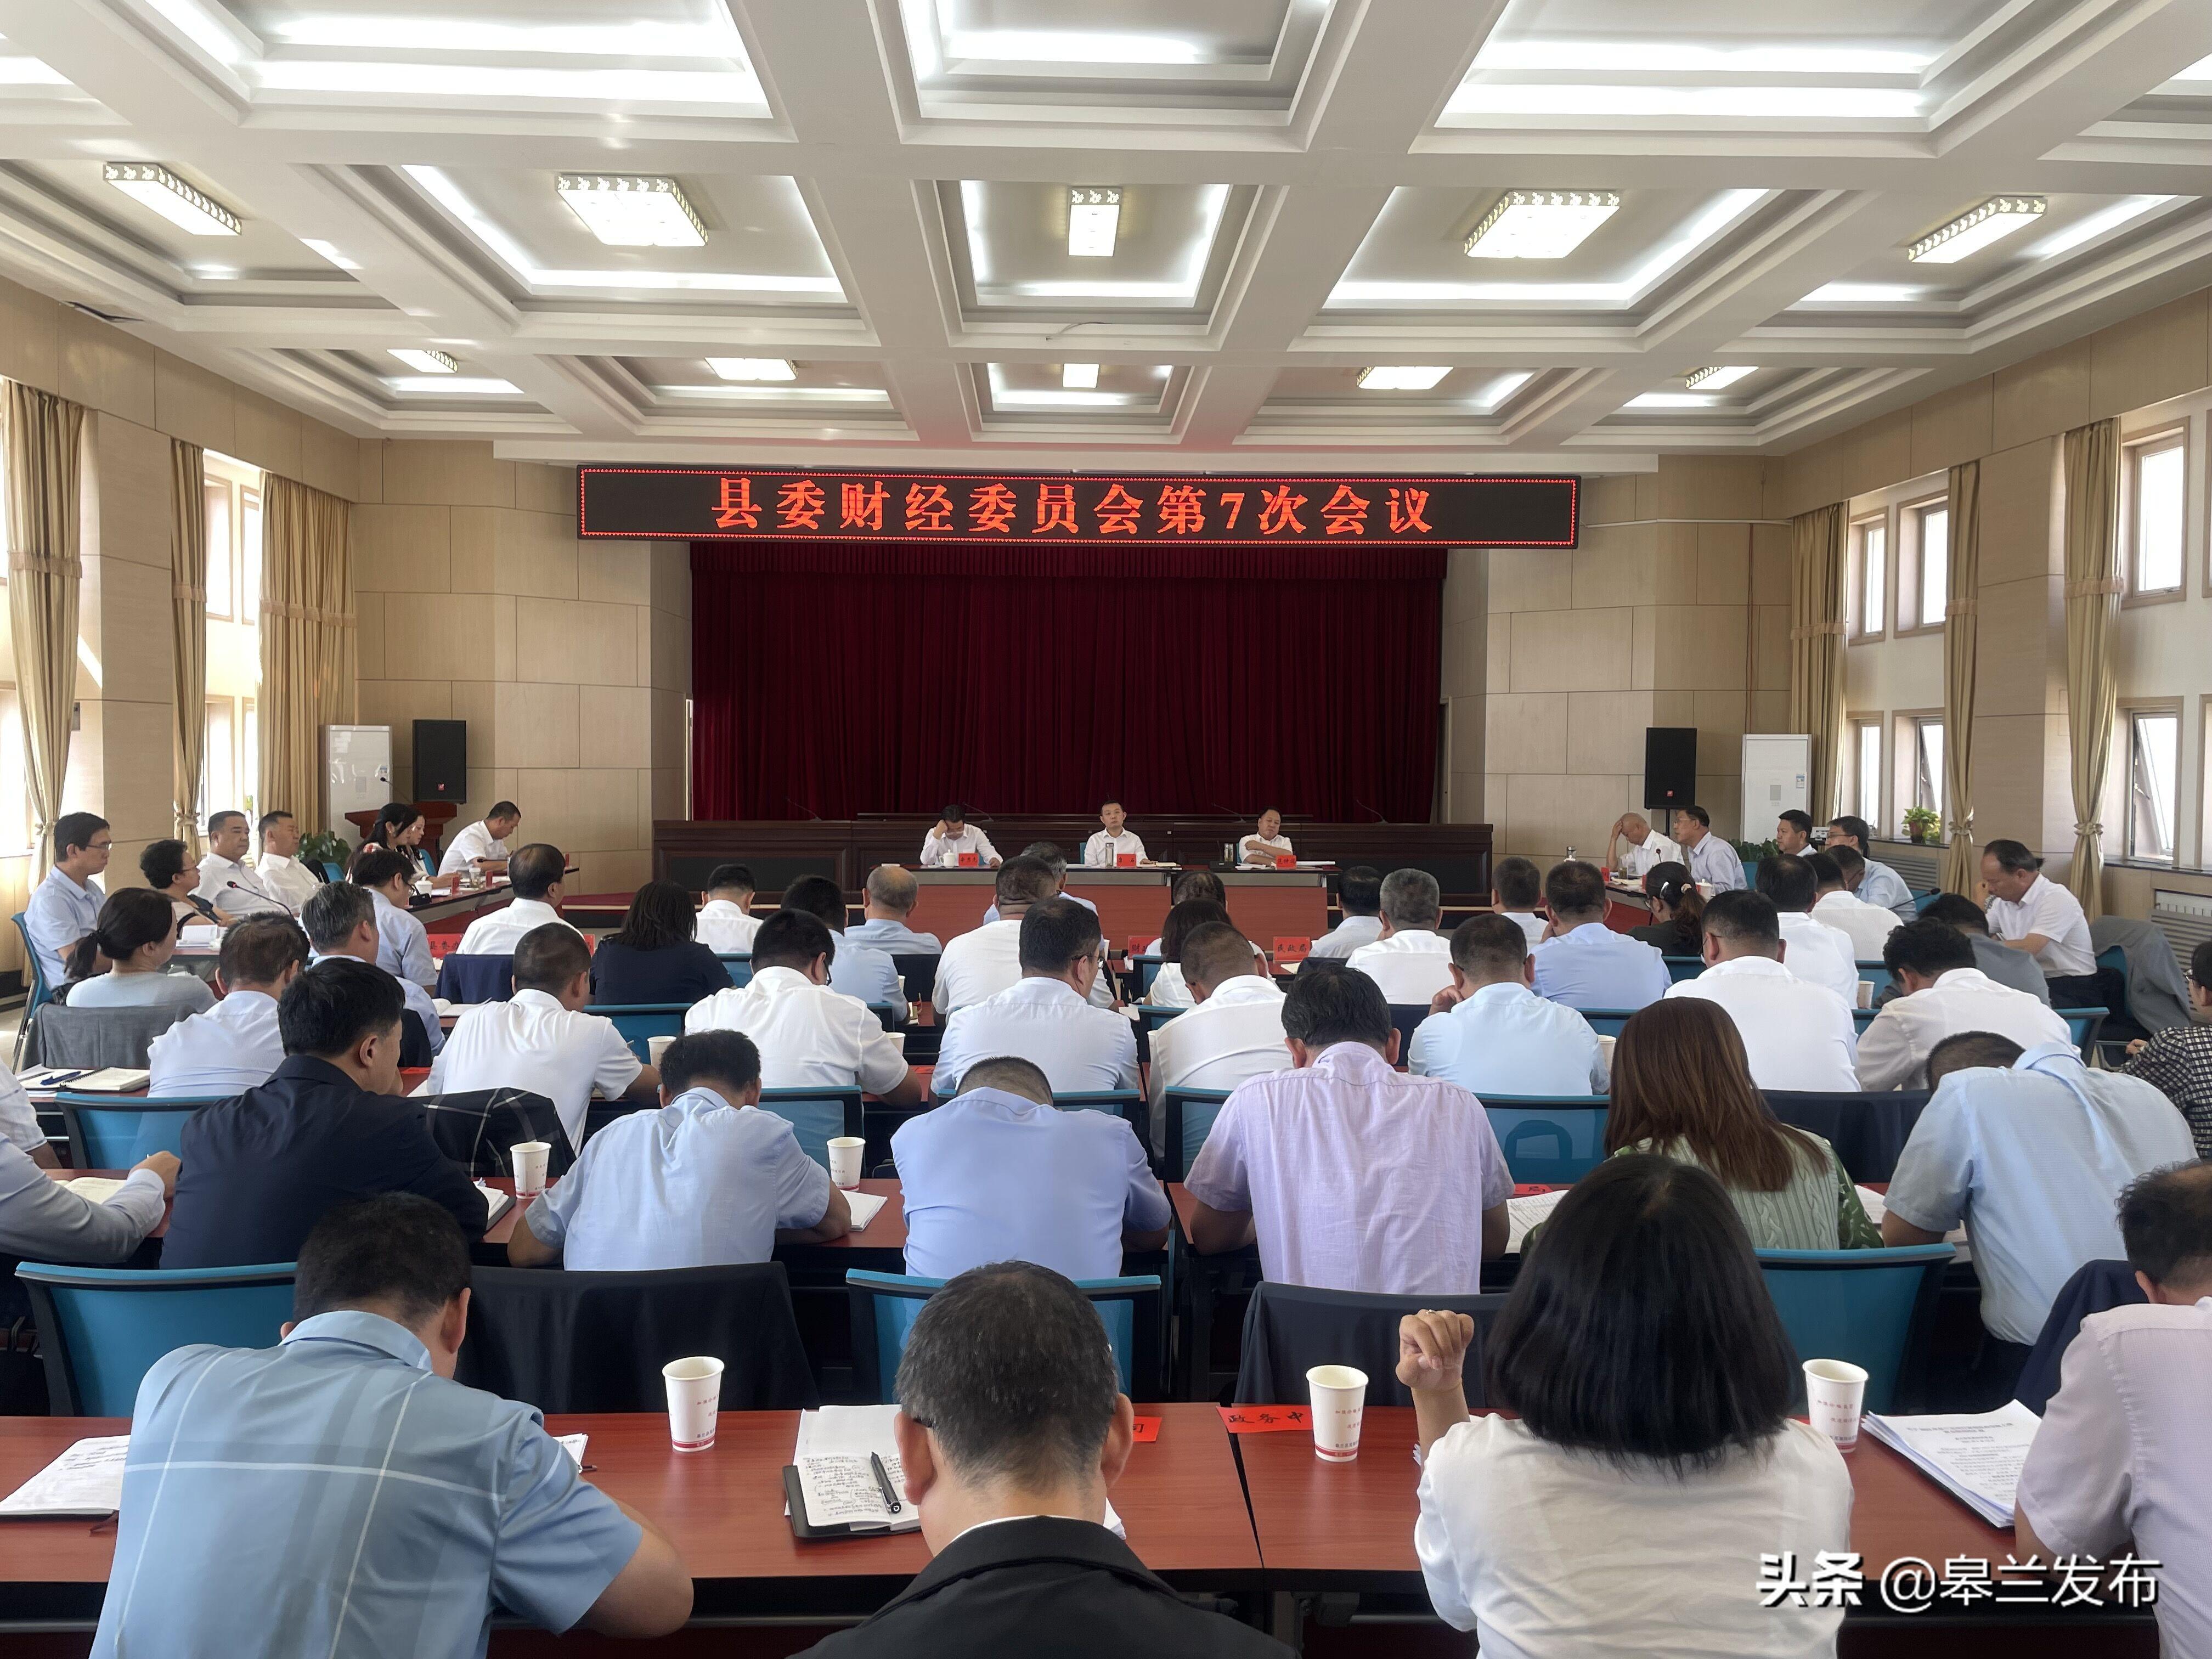 皋兰县召开县委专题会议暨县委财经委员会第七次会议